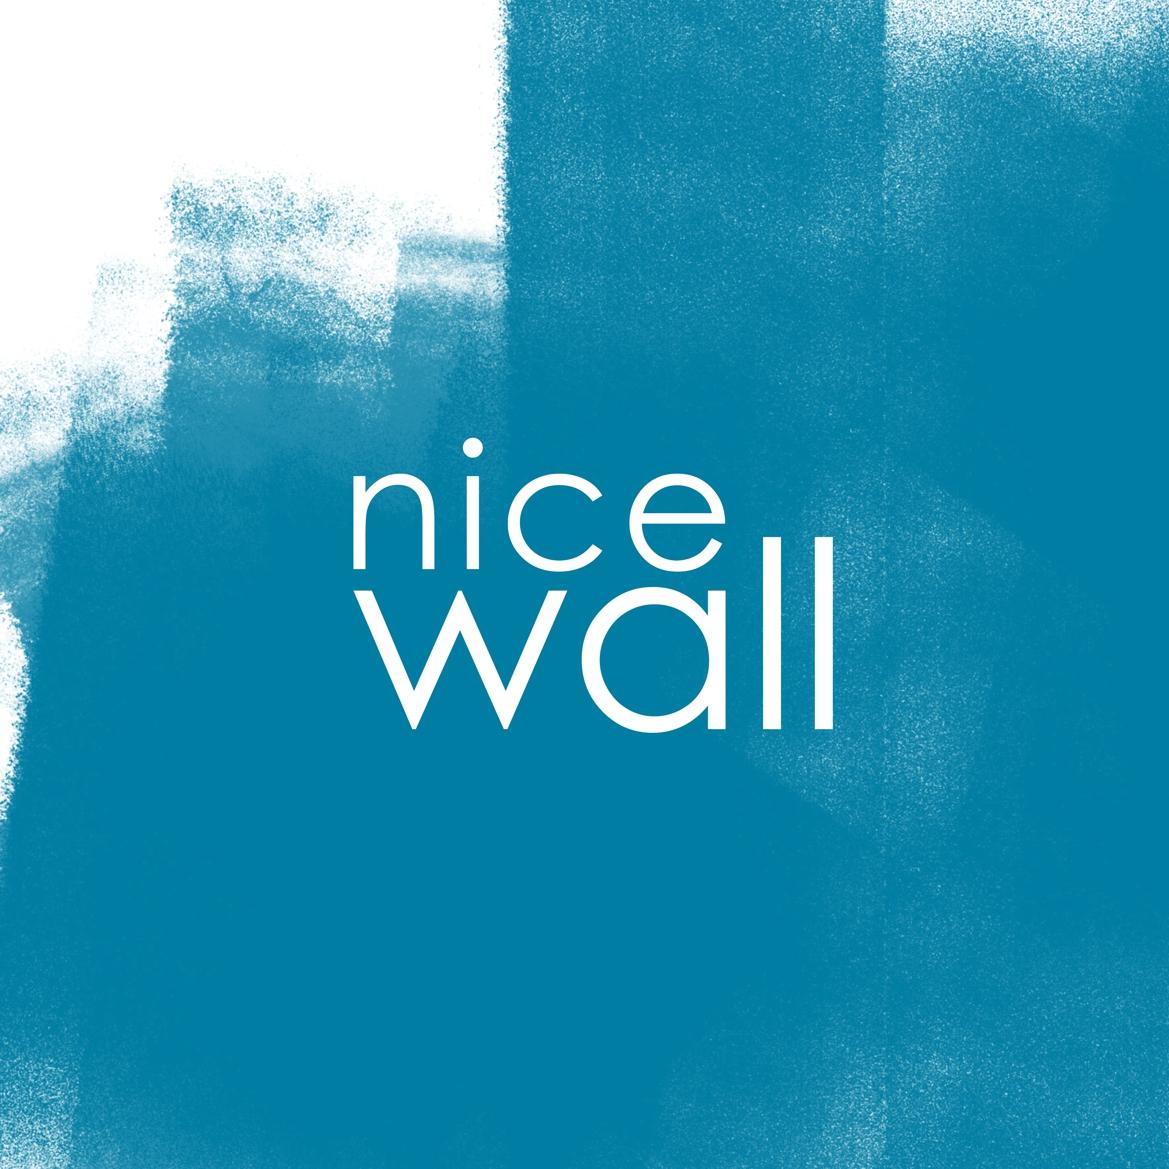 Nice Wall eplakaty.pl